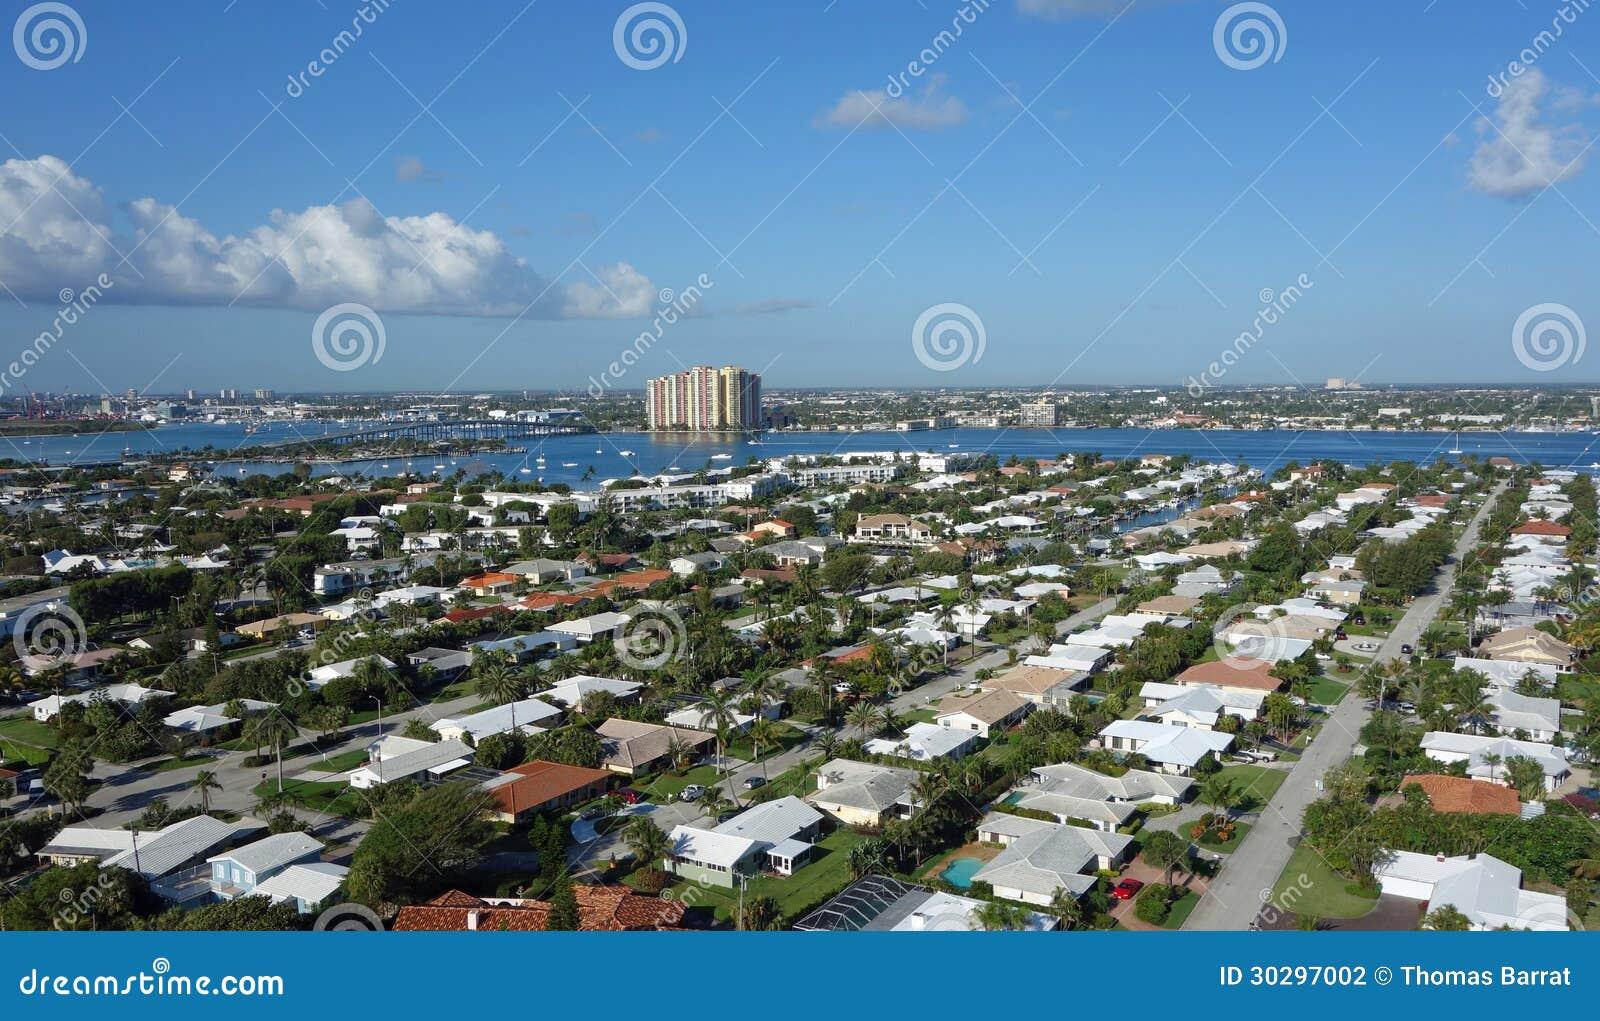 West Palm Beach Web Cameras